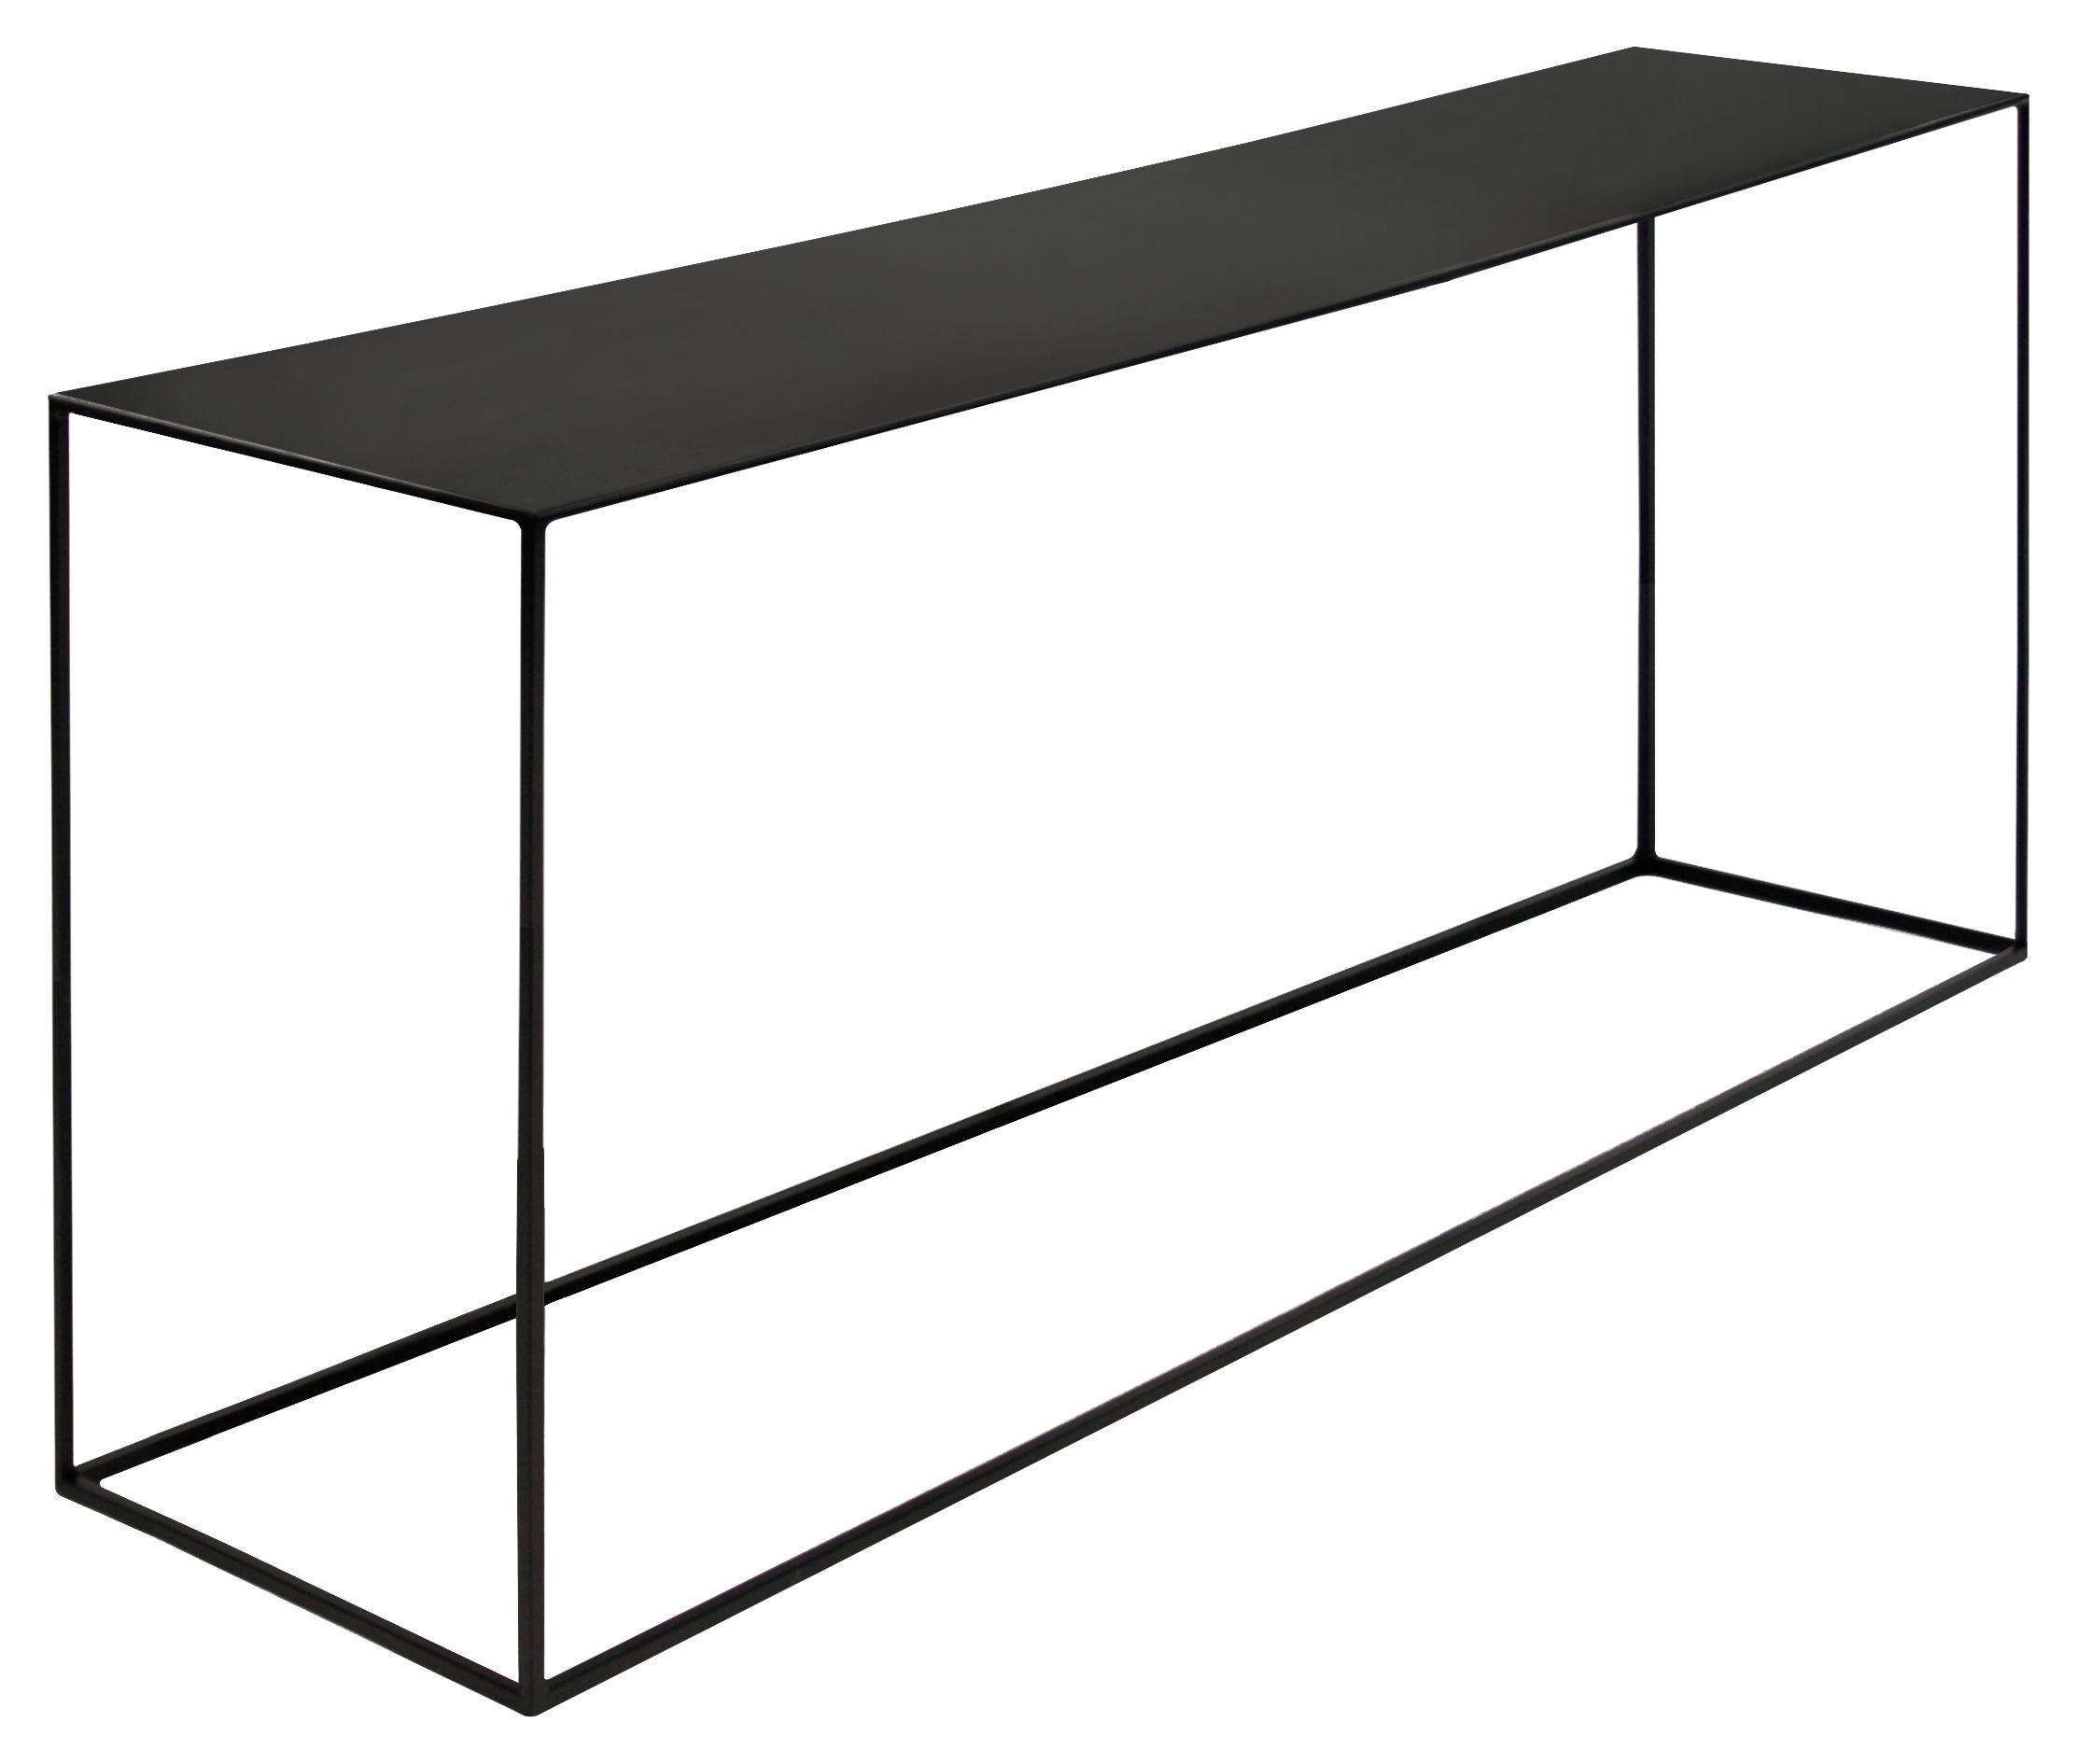 console basse slim irony 124 x 31 x h 64 cm m tal noir pied noir cuivr zeus. Black Bedroom Furniture Sets. Home Design Ideas